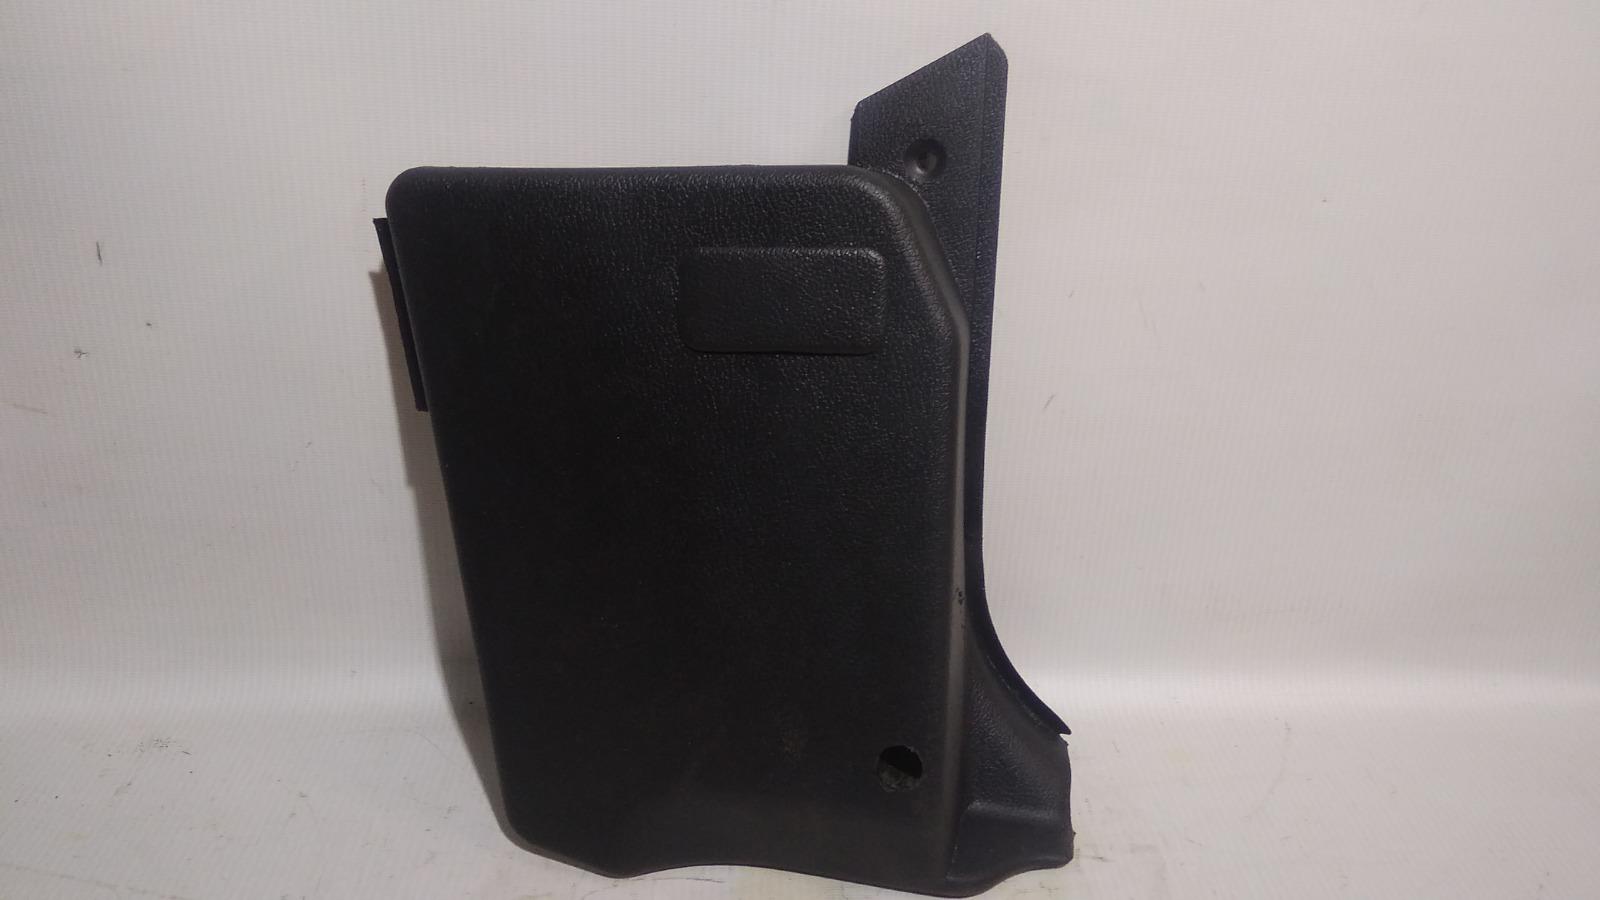 Обшивка, панель салона Daewoo Nexia KLETN A15SMS 2012 передний правый нижний